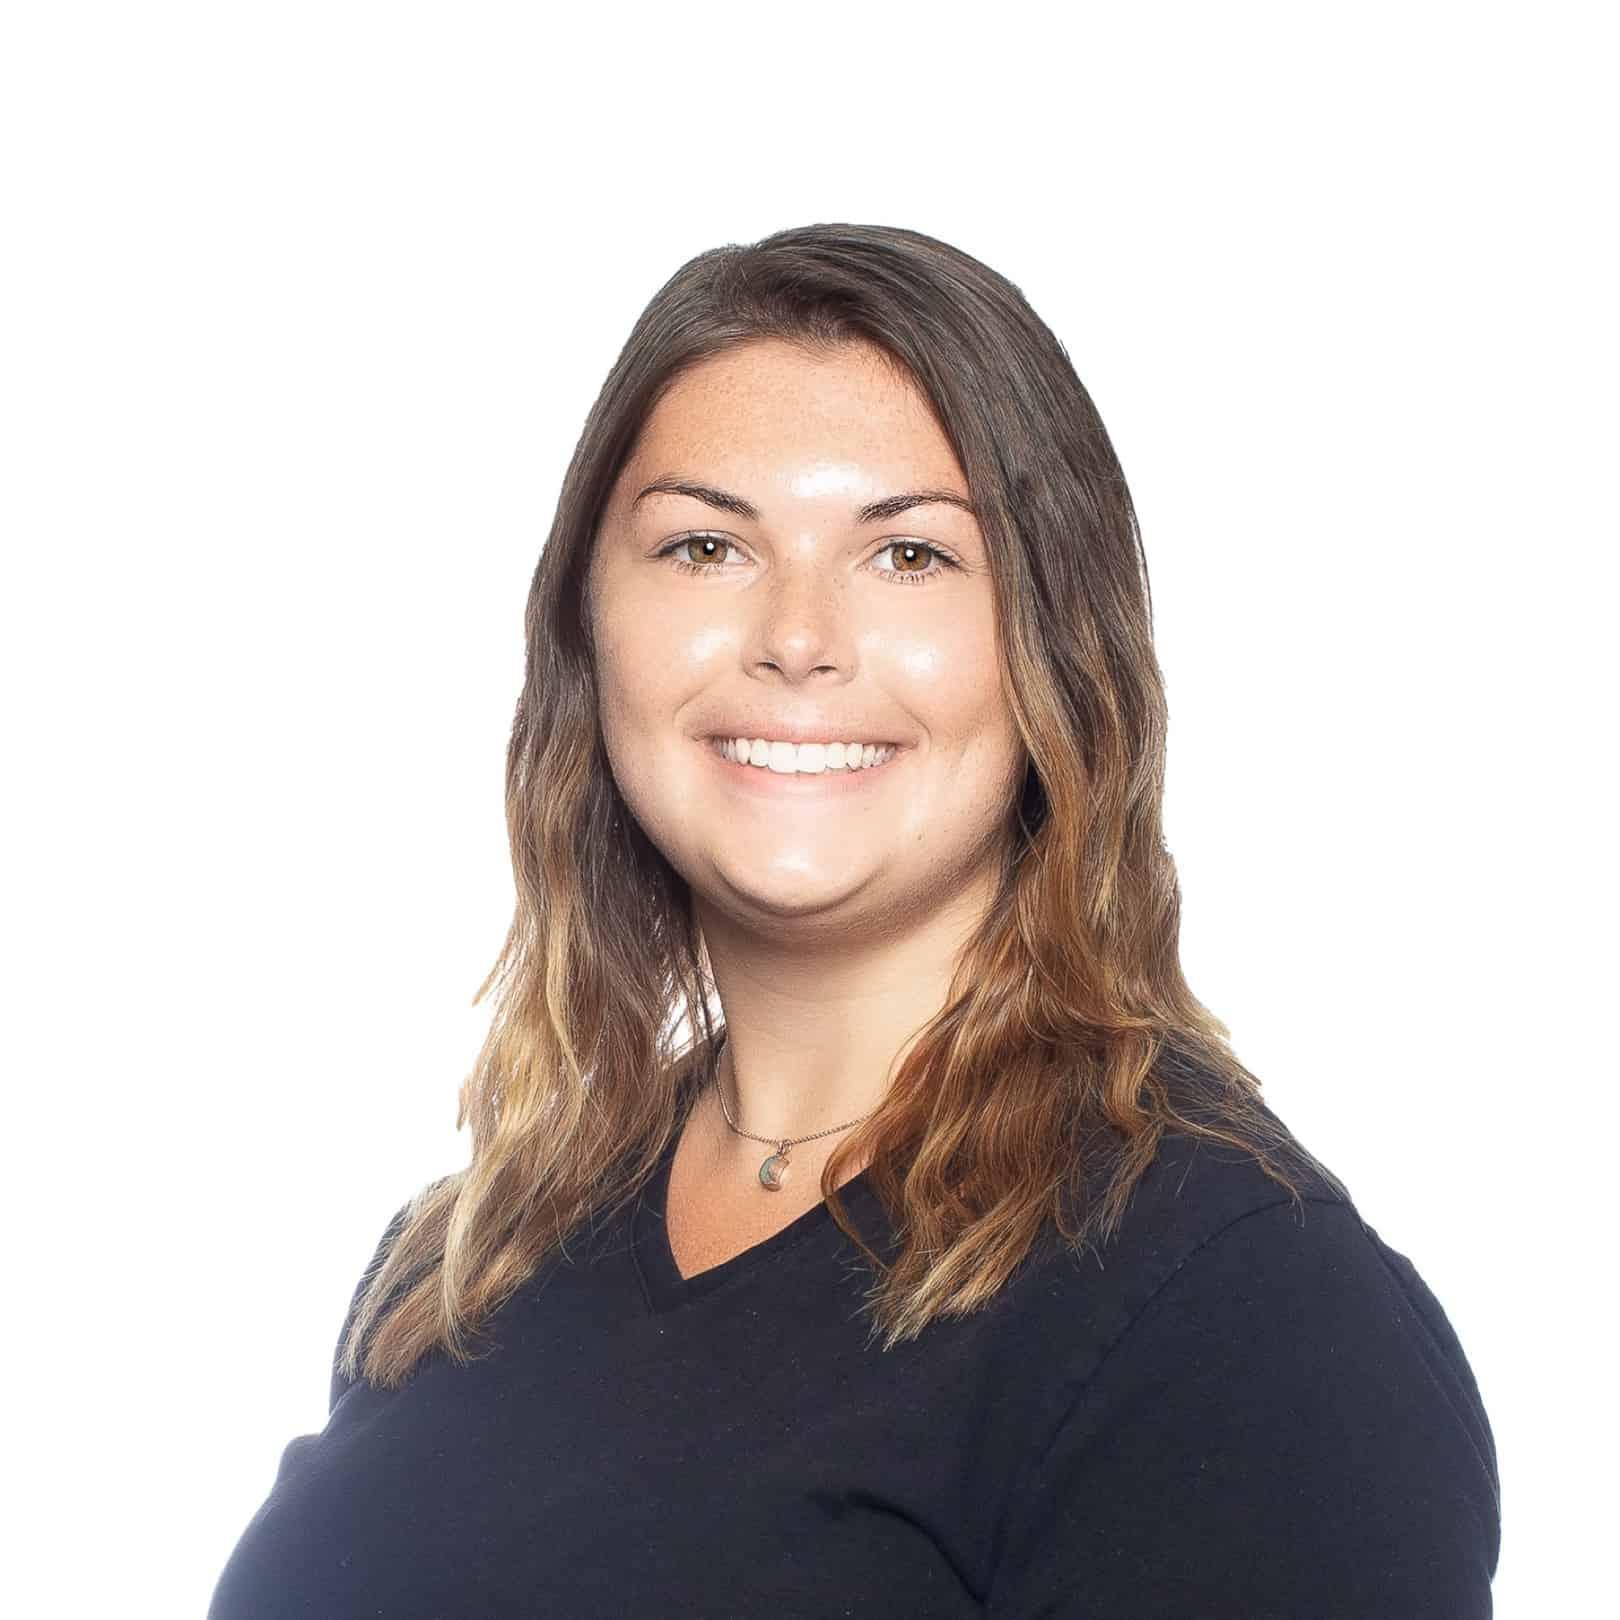 Appel Orthodontics Philadelphia Orthodontist Staff Portraits 119 10x10 Super Wide - Meet the Appel Orthodontics Team